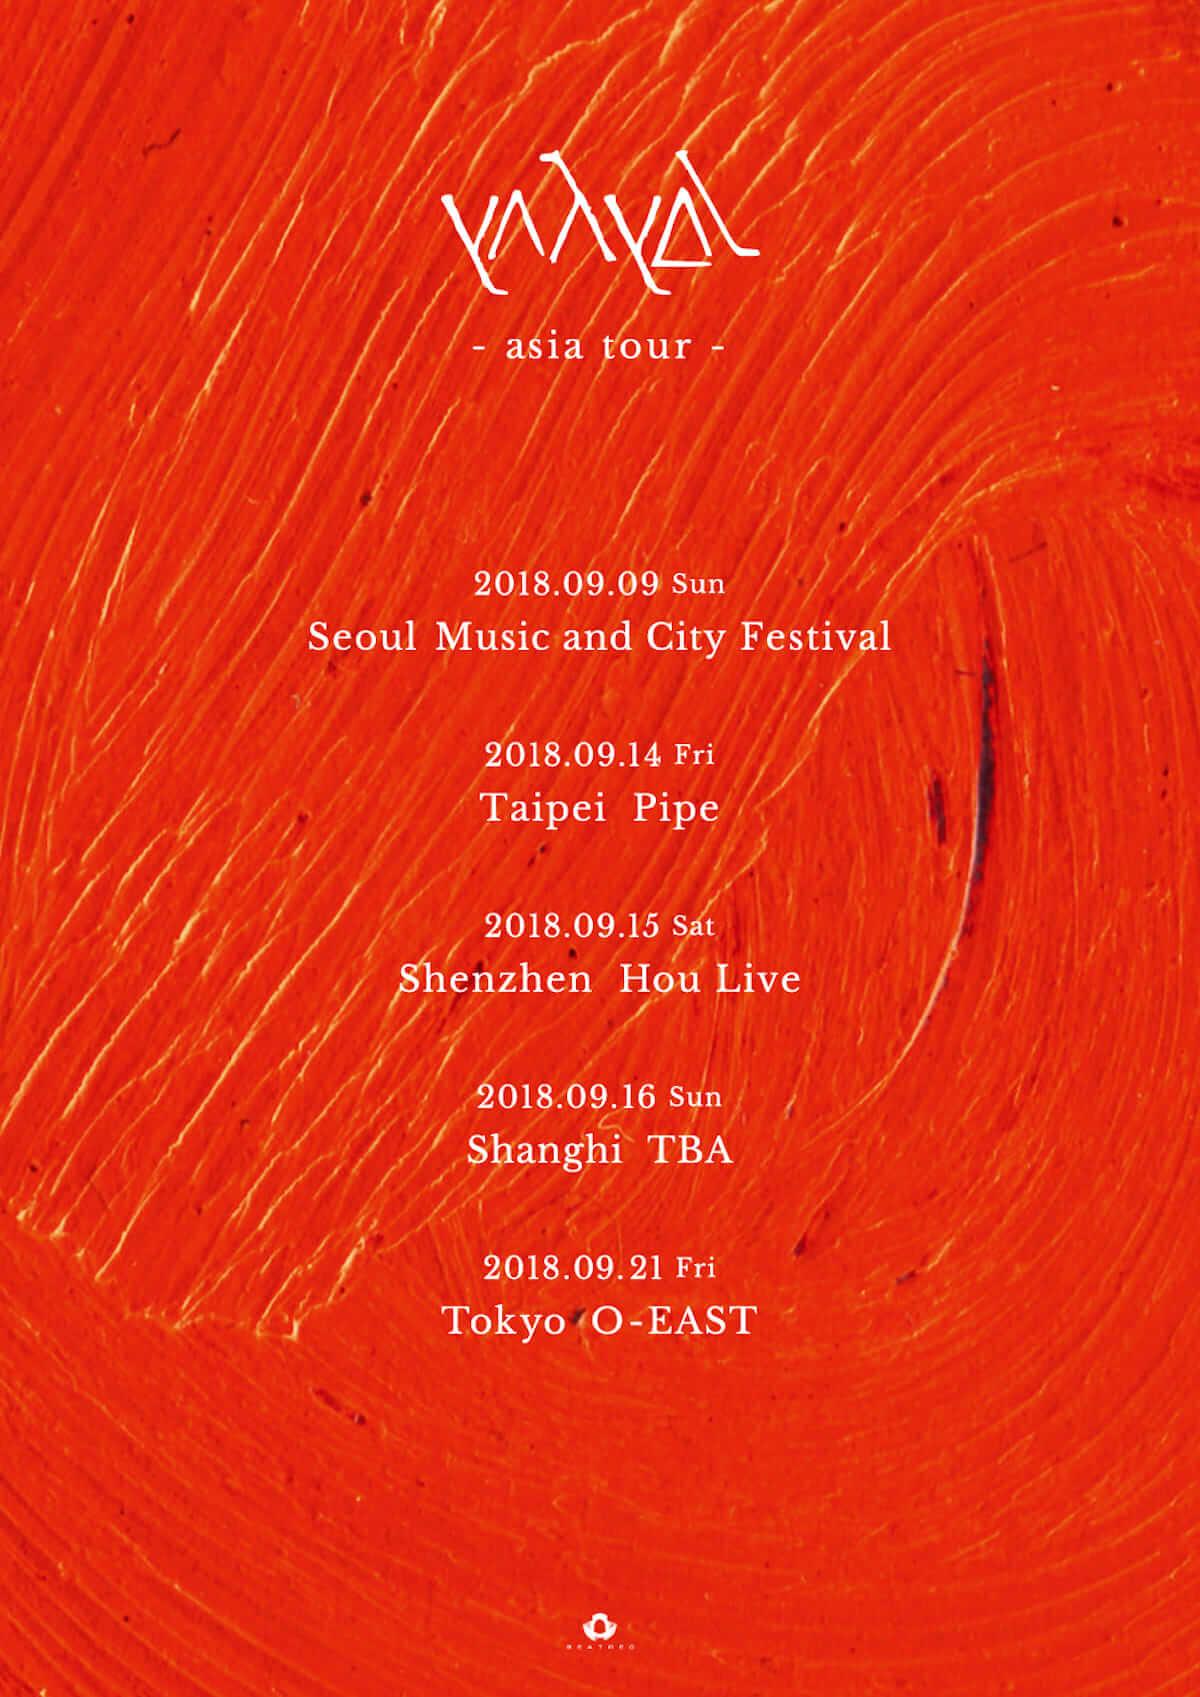 yahyel、アジアツアーの開催を発表!東京での待望のフルスペックライブ決定! music180717_yahyel_01-1200x1697